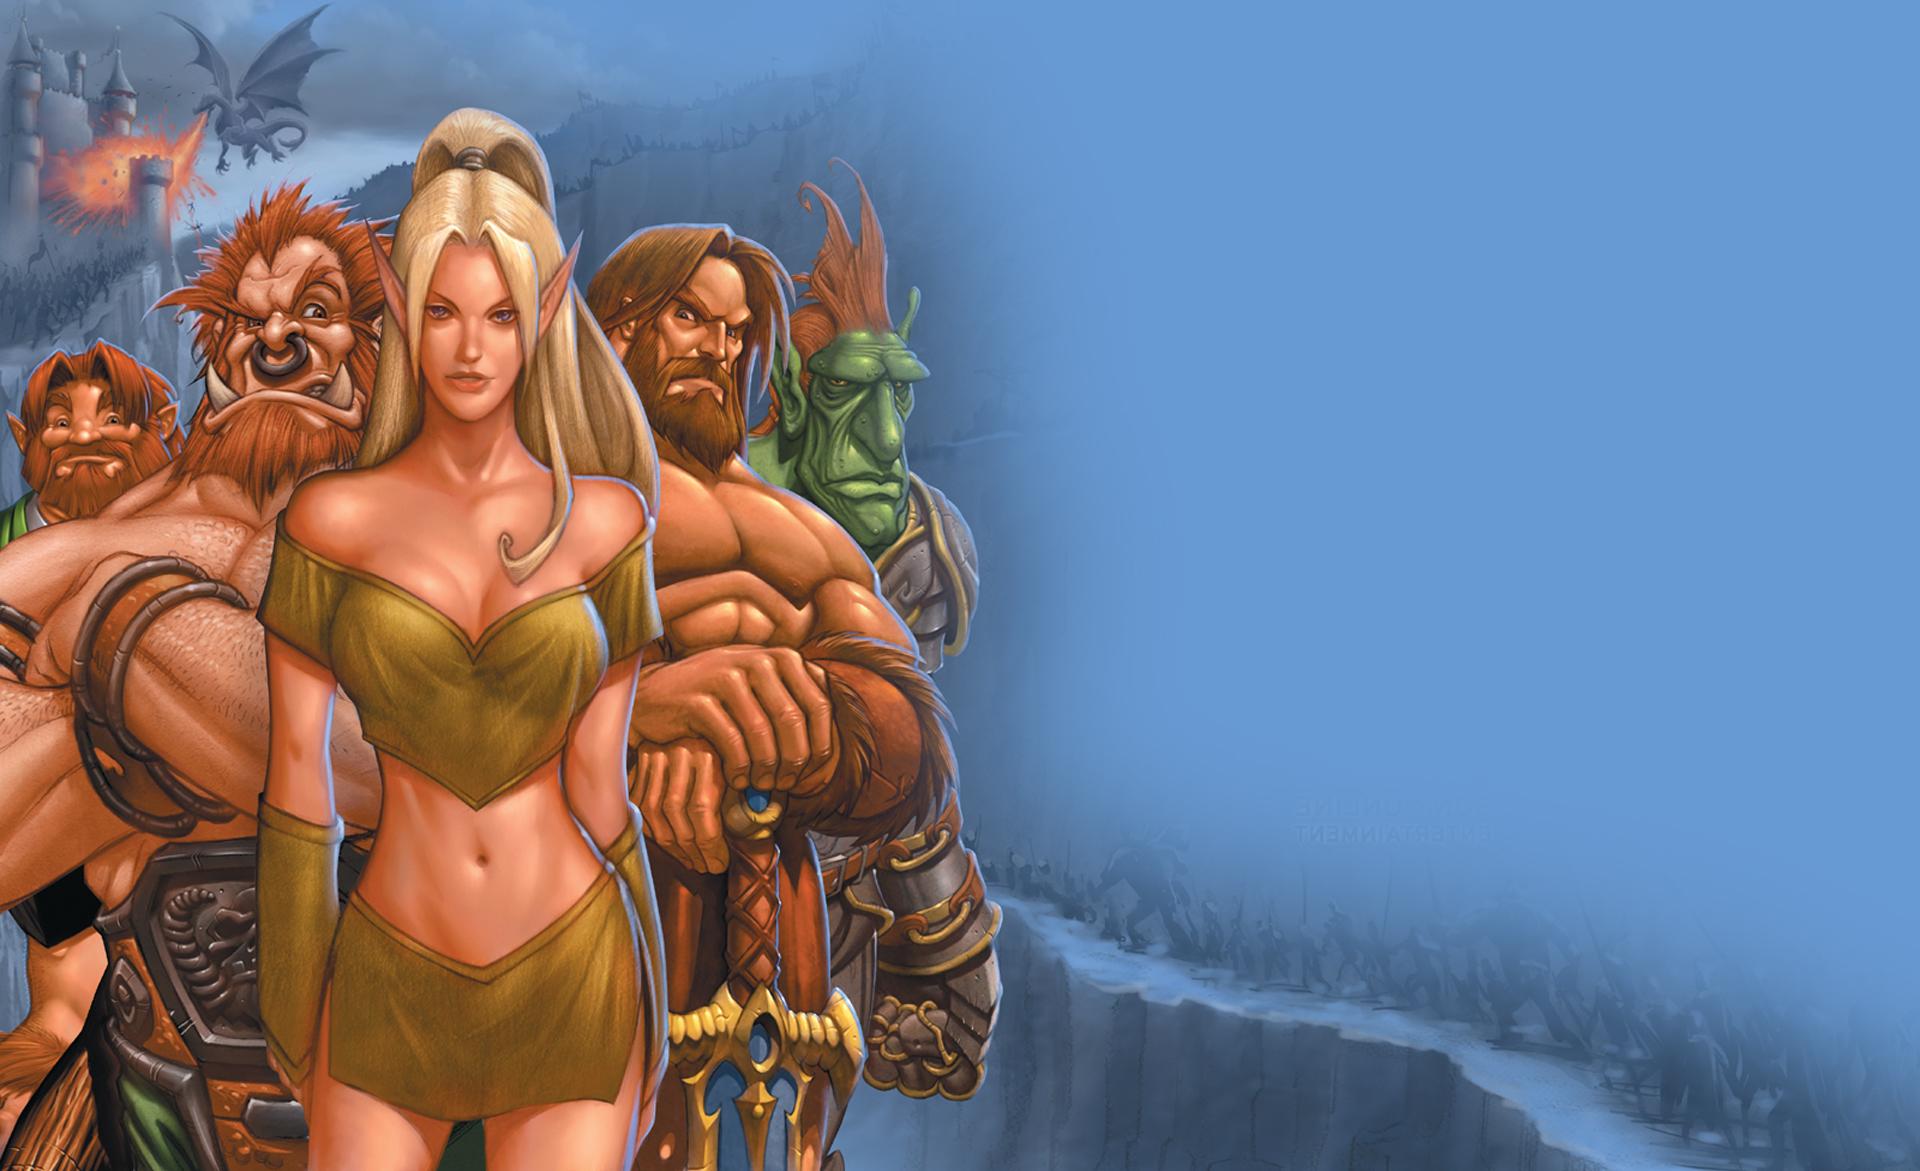 Everquest nude hack porn image